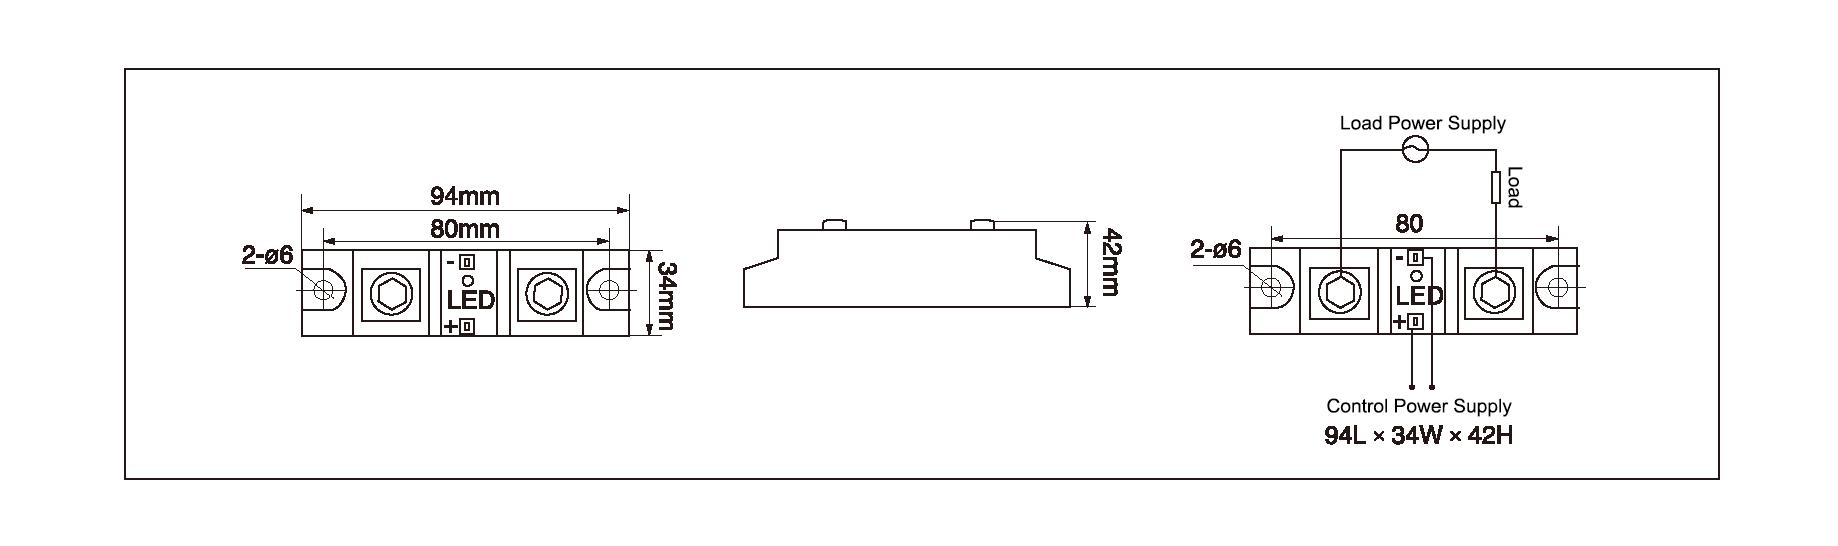 MGR-H3200Z Huimu diagram